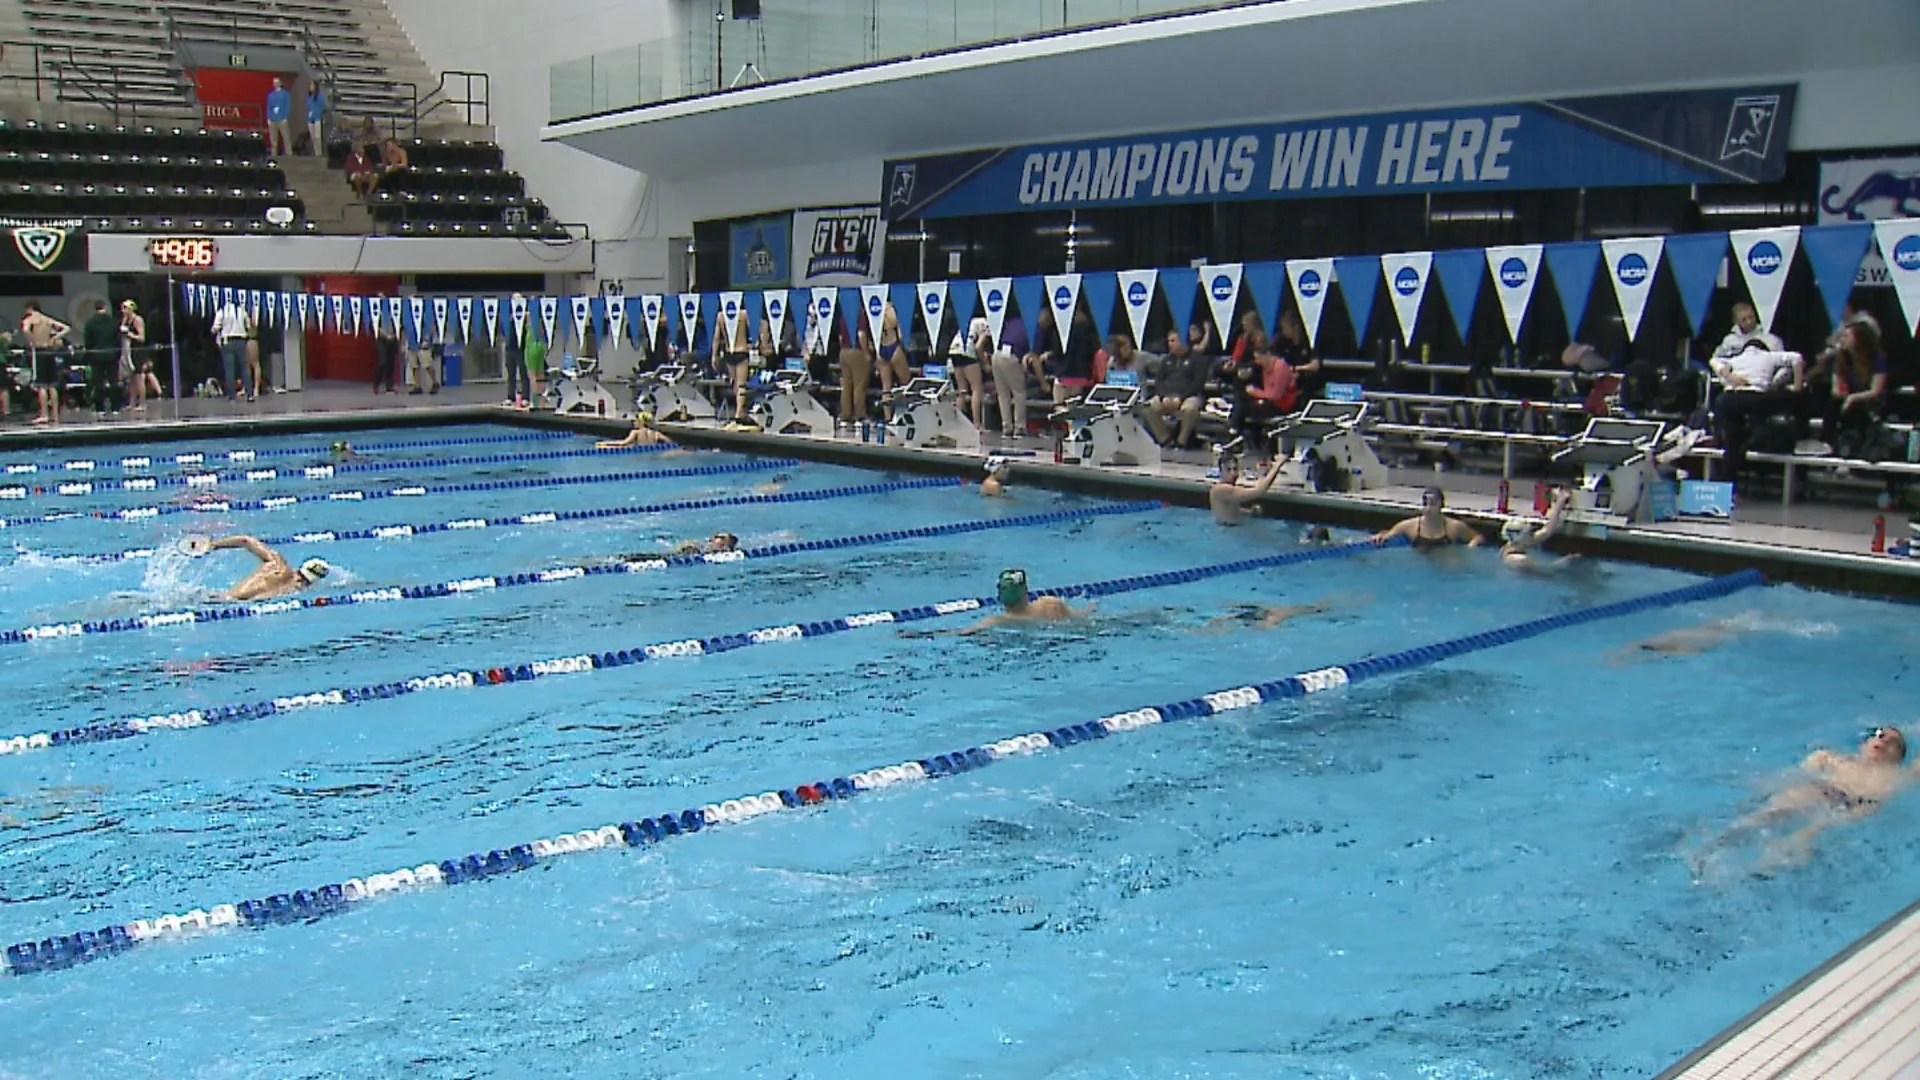 NCAA swimming and diving championships begin at IU Natatorium at IUPUI